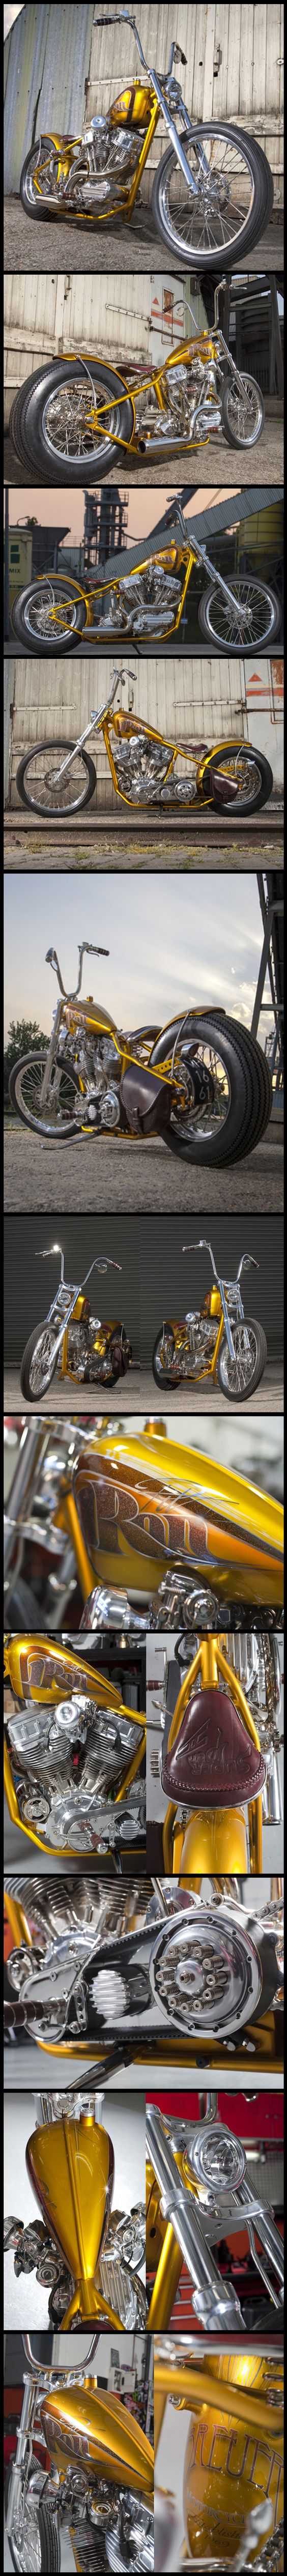 Super Pan II #ironpit #custombike http://www.ironpit.nl/projecten.html